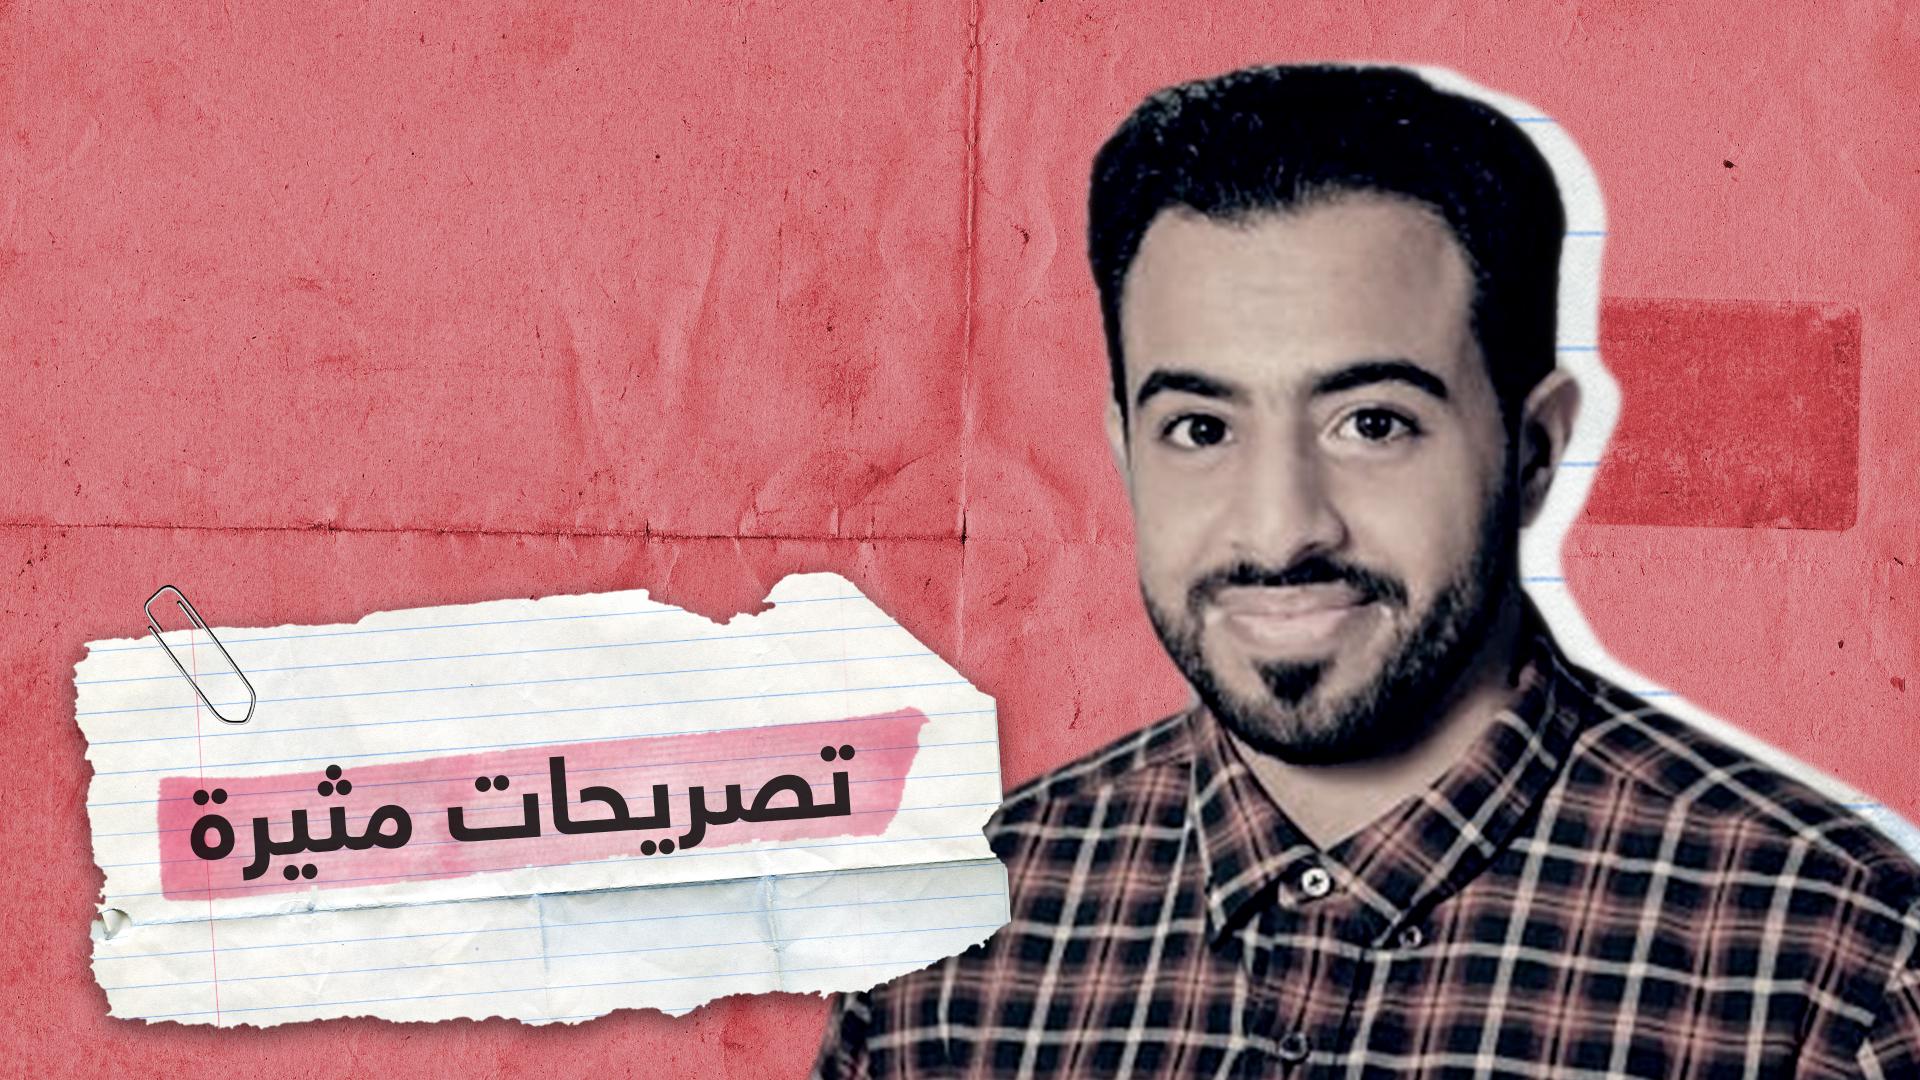 ناشط سعودي يثير غضبا بسبب كلامه عن شعائر الحج